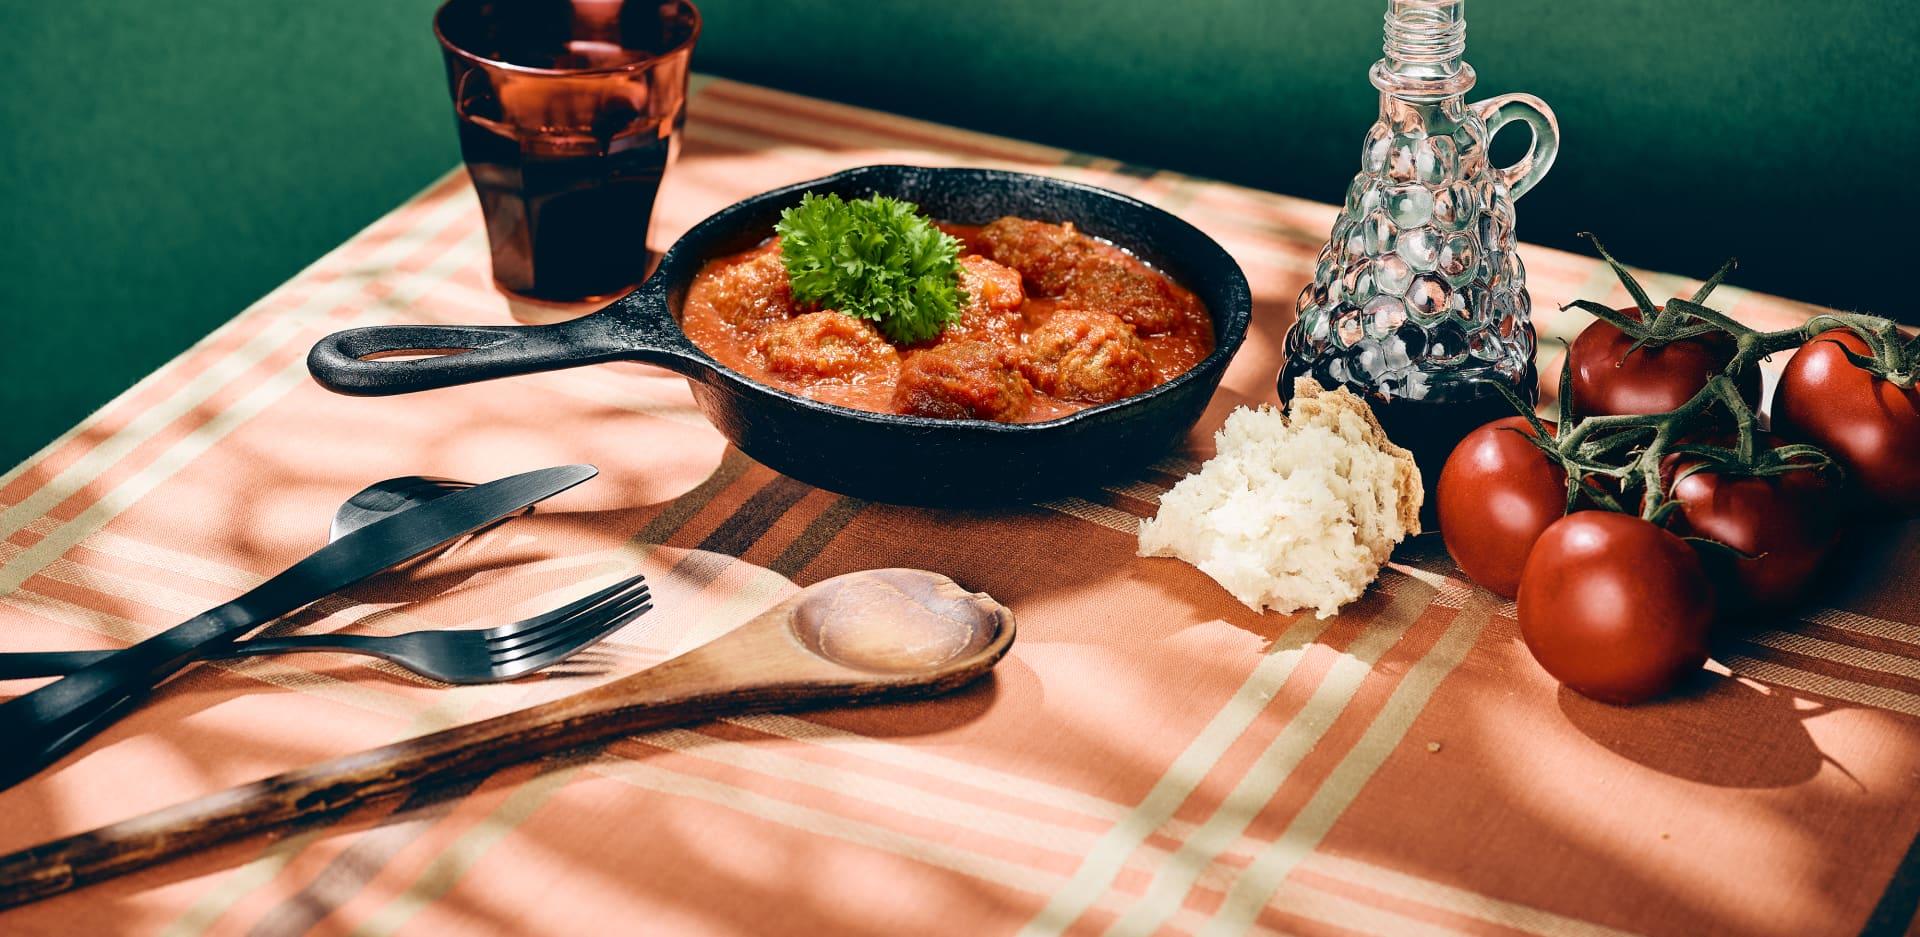 Een Spaanse avond, of gewoon zin in tapas? Maak zelf Albóndigas; Spaanse gehaktballetjes in een saus van JOYN® tomaten. Eenvoudig te bereiden en vol van smaak!